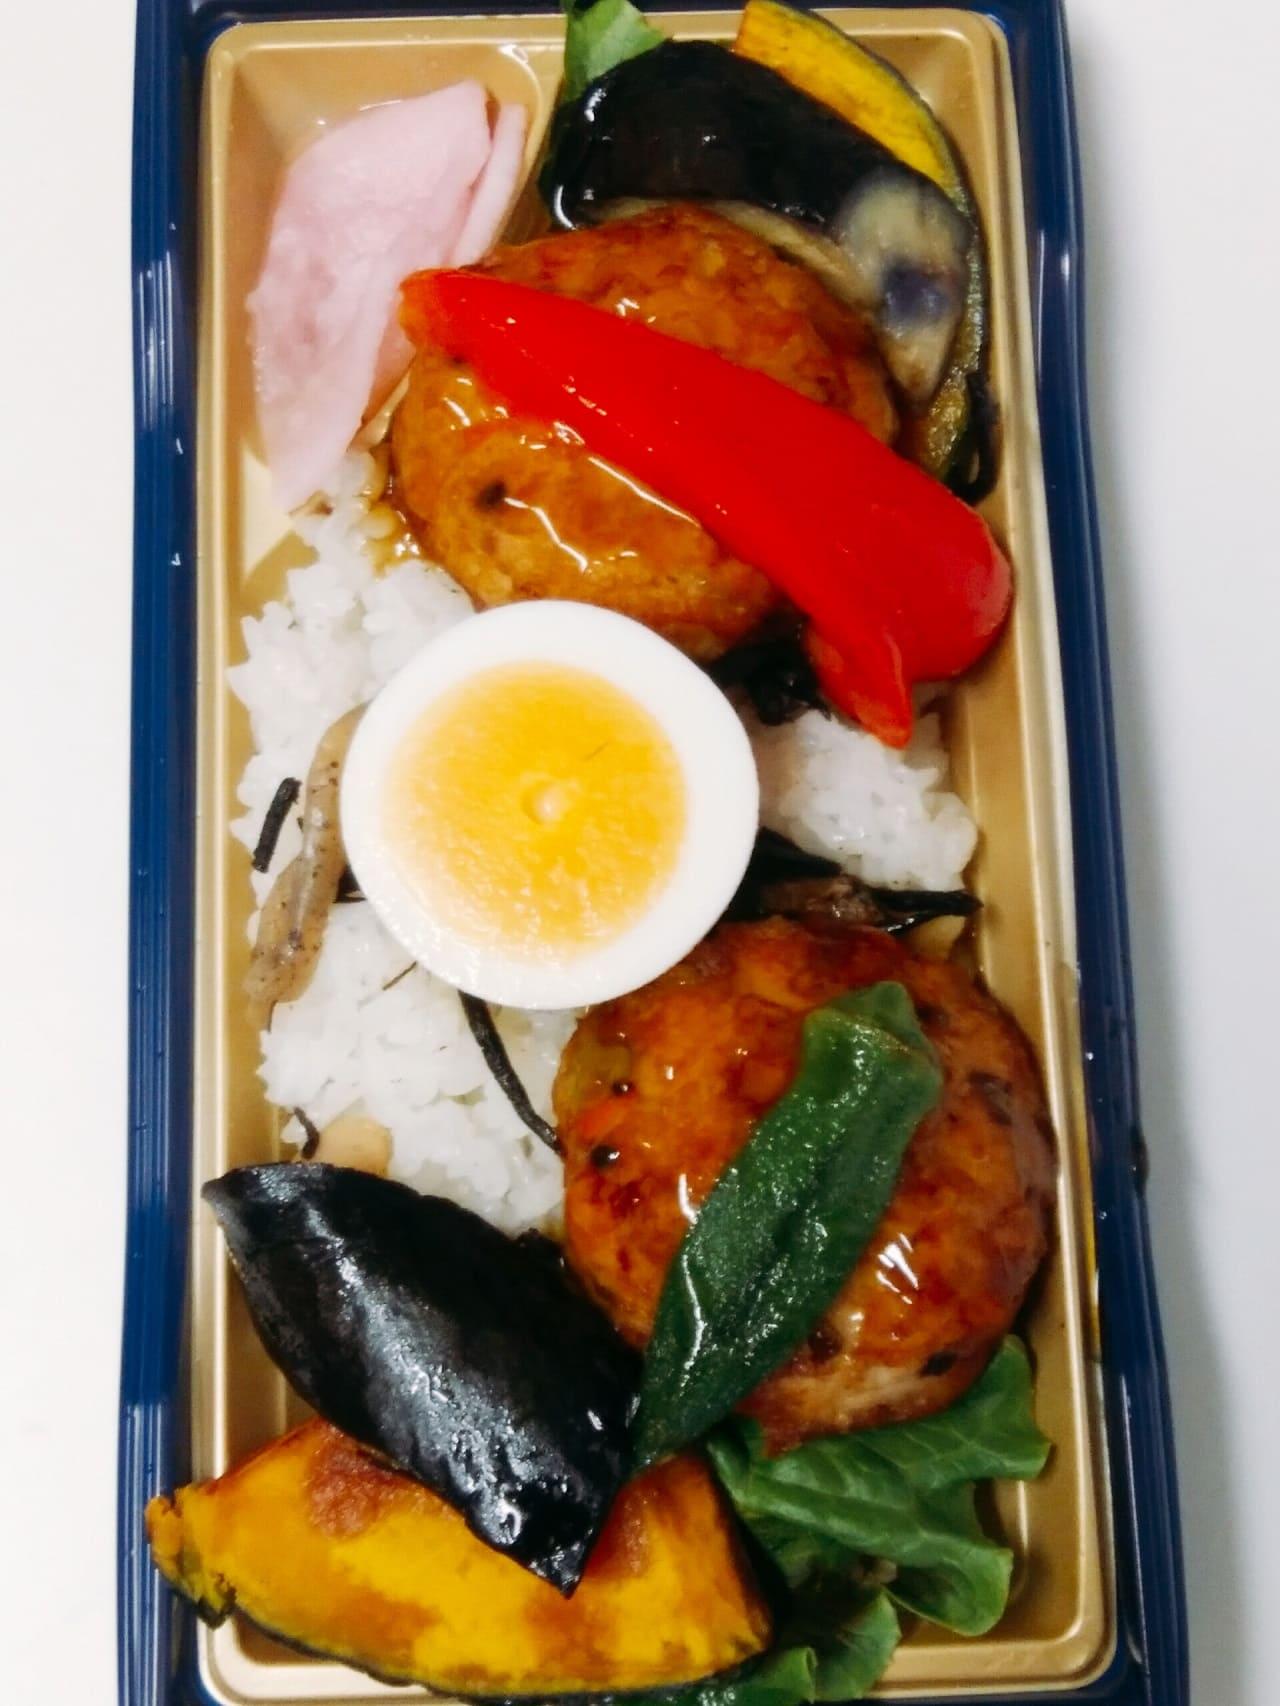 ヤオコーの彩り野菜の豆腐ハンバーグ重